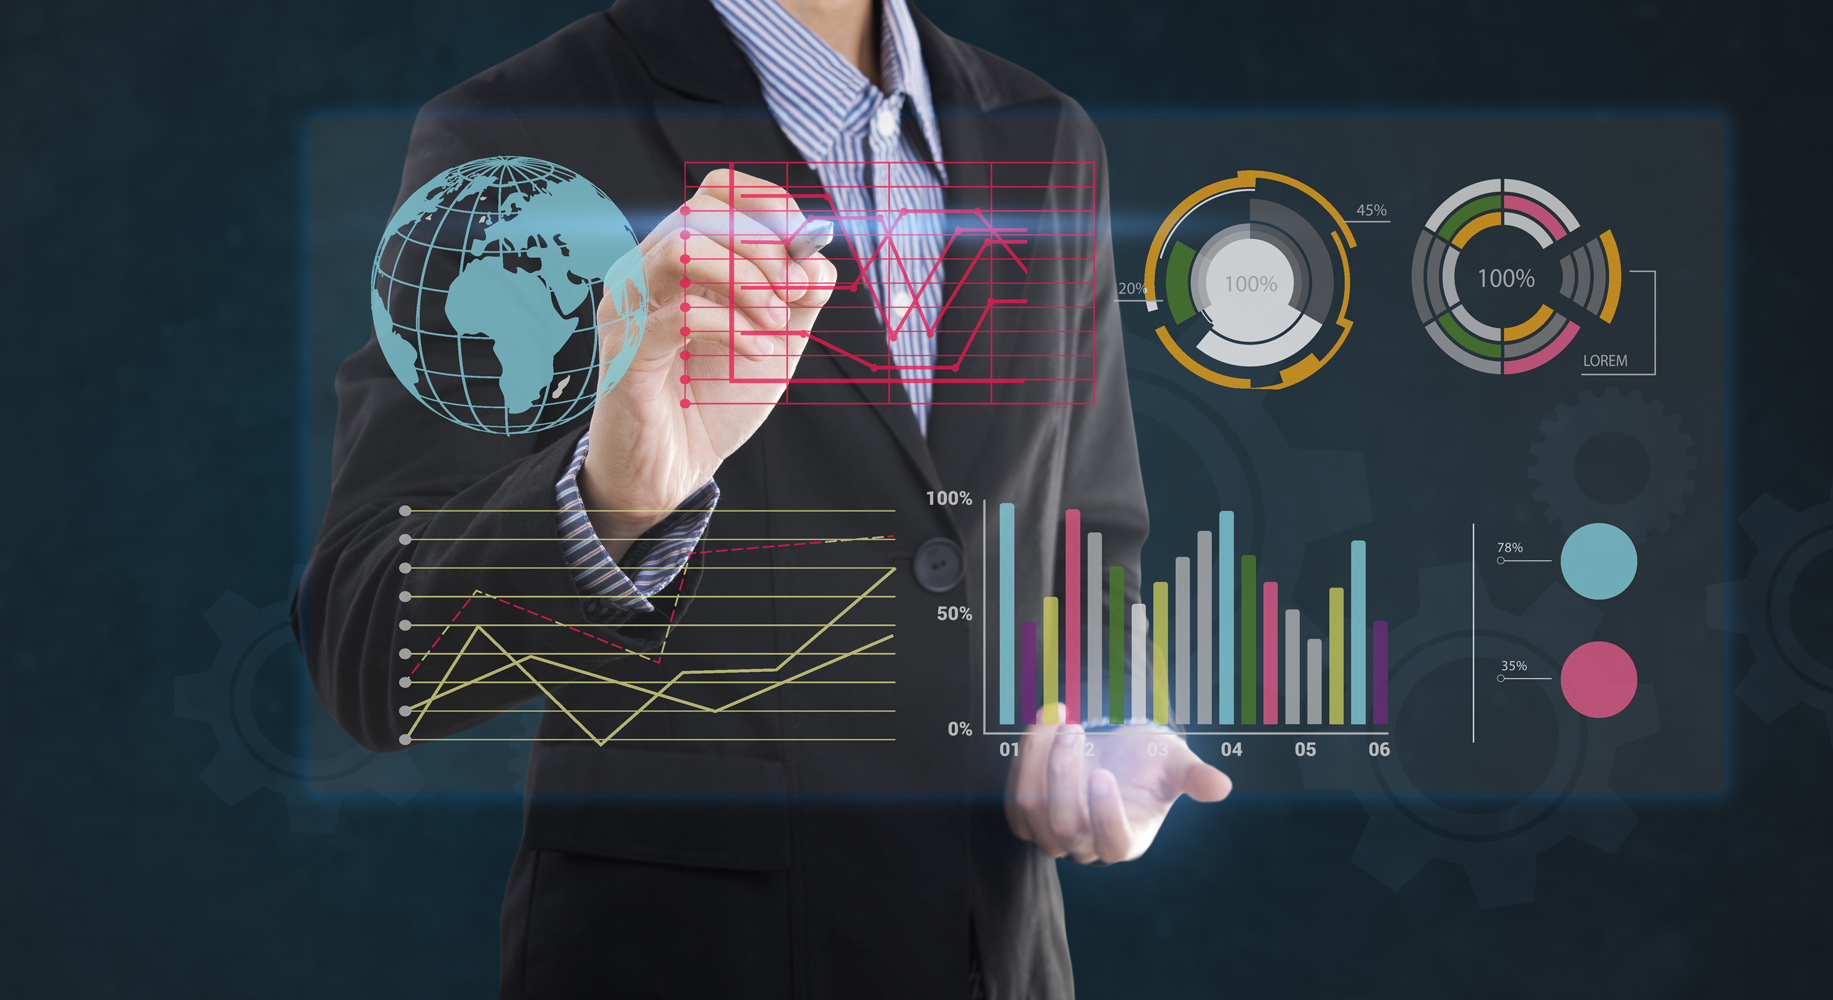 cele mai profitabile semnale de tranzacționare ce sunt opțiuni și mandate